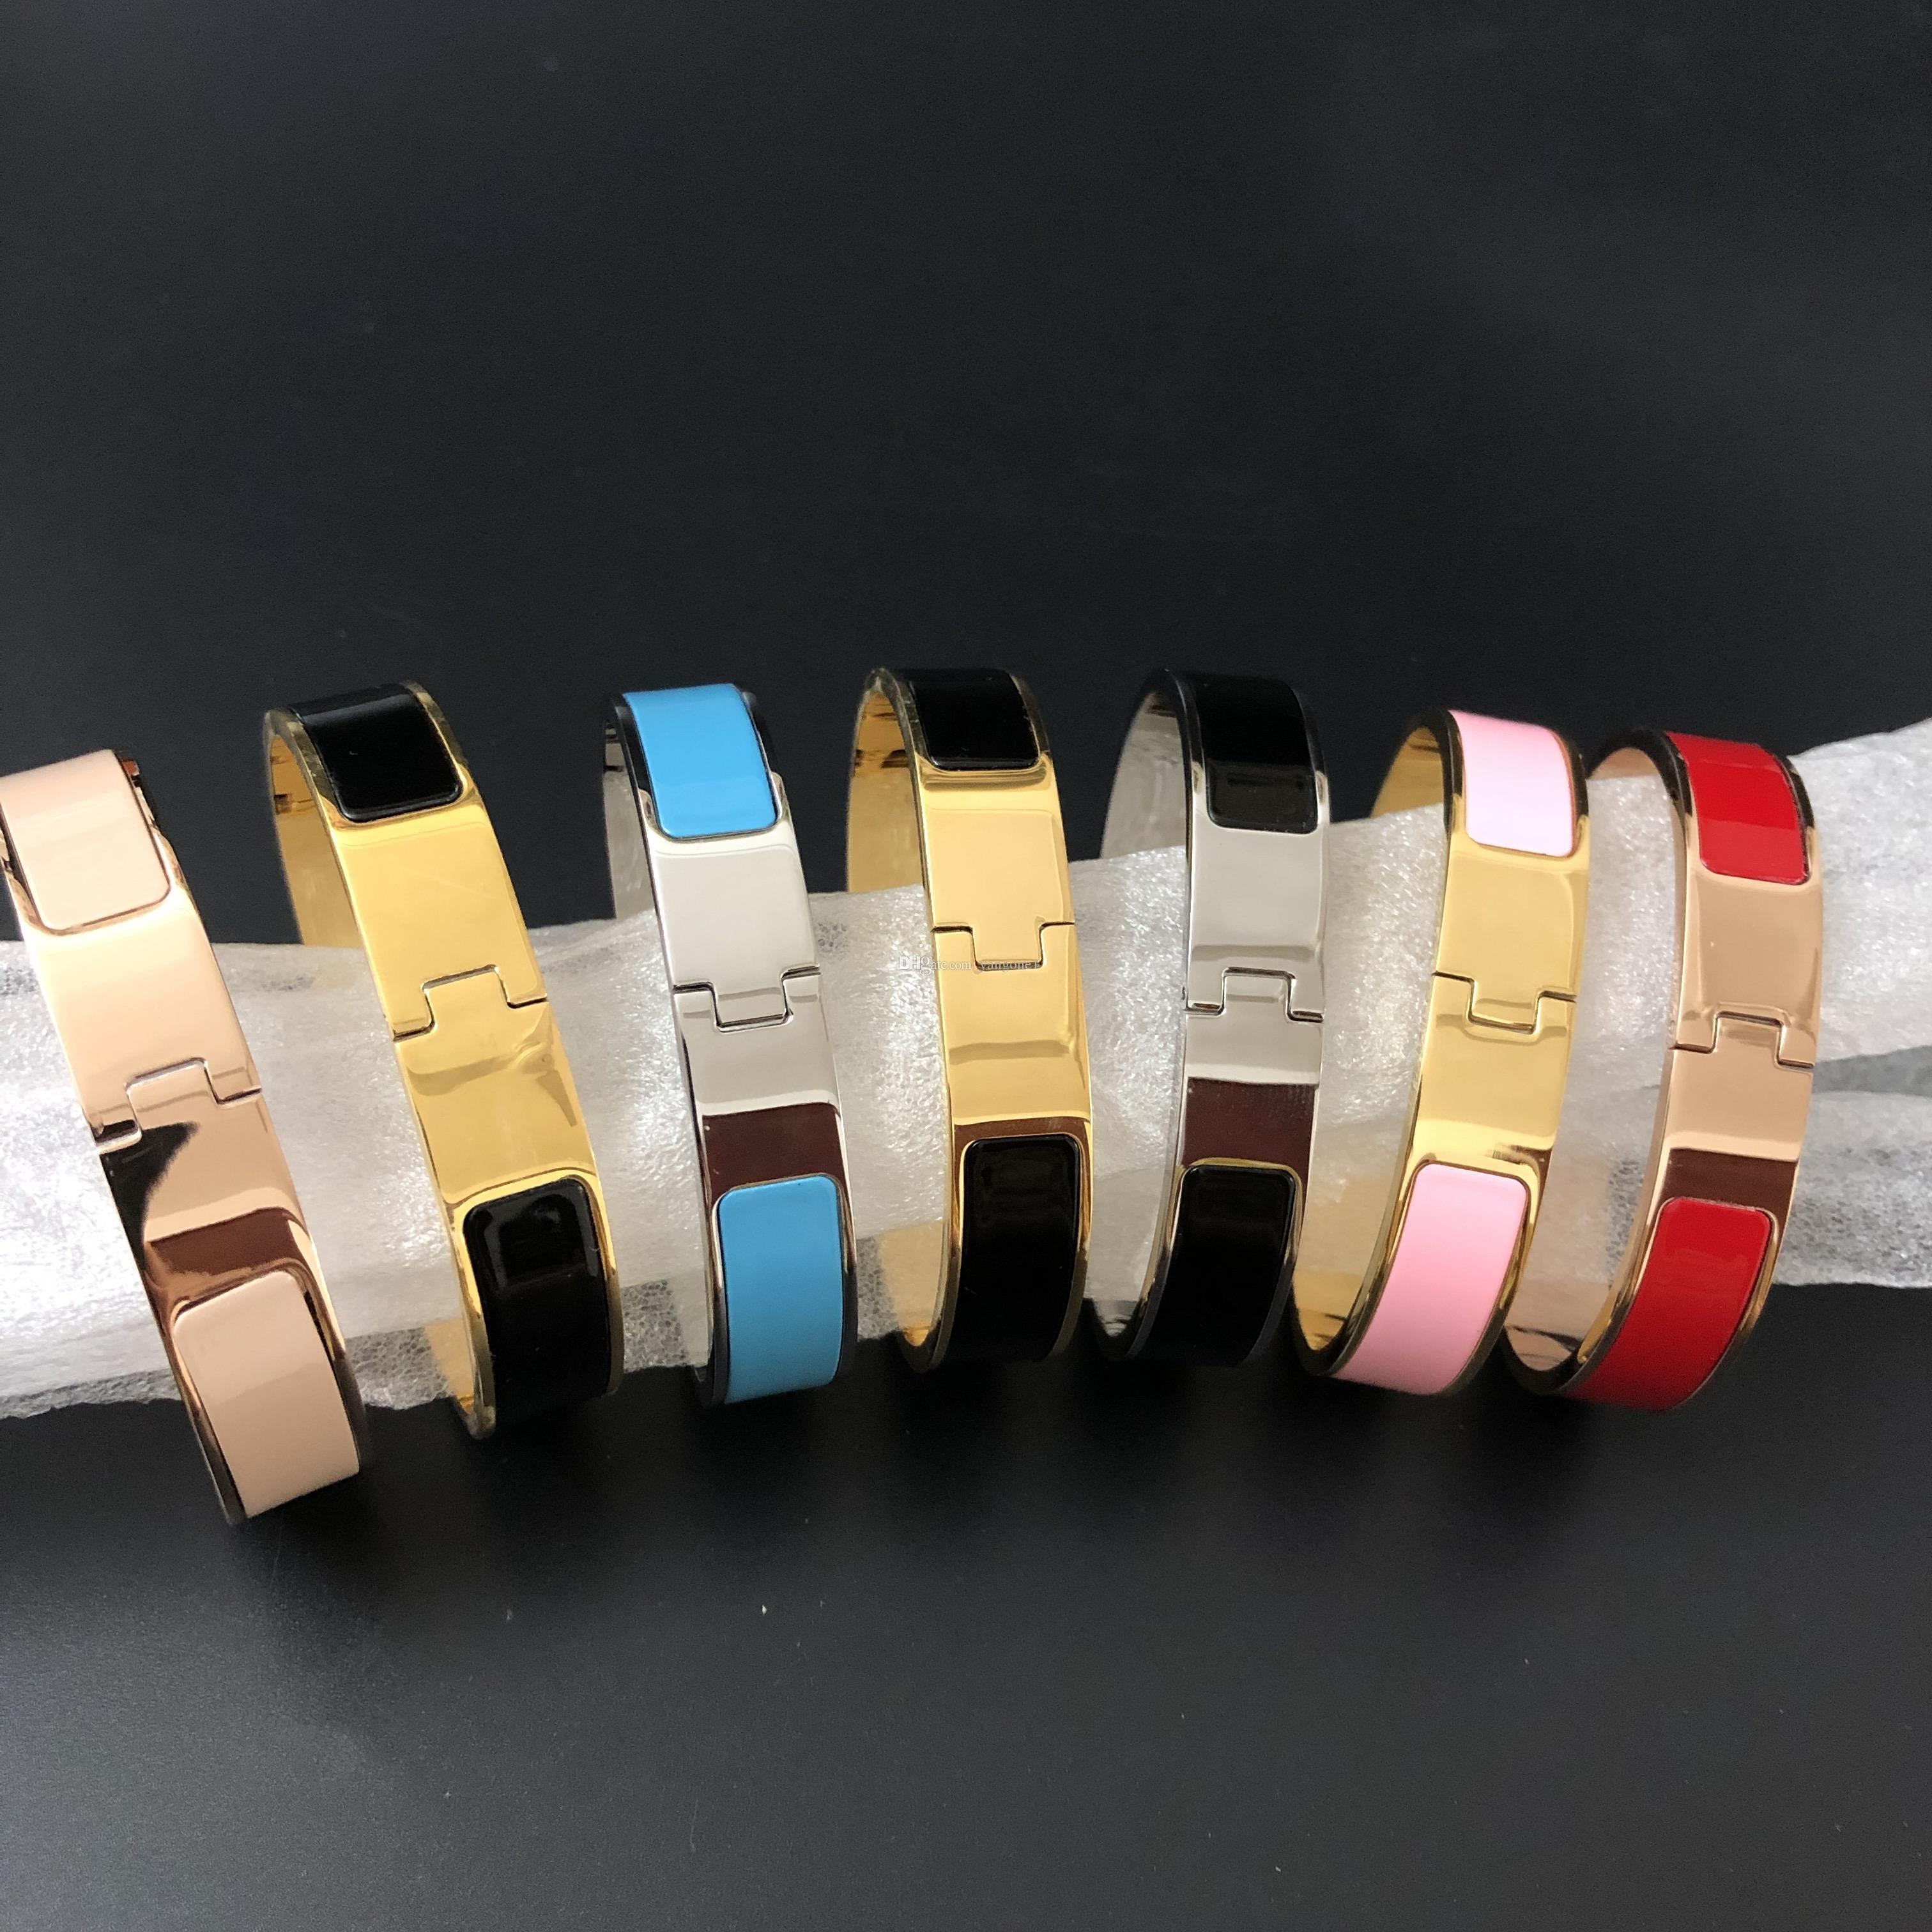 Heißer Verkauf Fashion12mm Armband für Frauen Damen Titan Stahl Mode Armband mit 3 Farben Schmuck Freies Verschiffen (No Box)